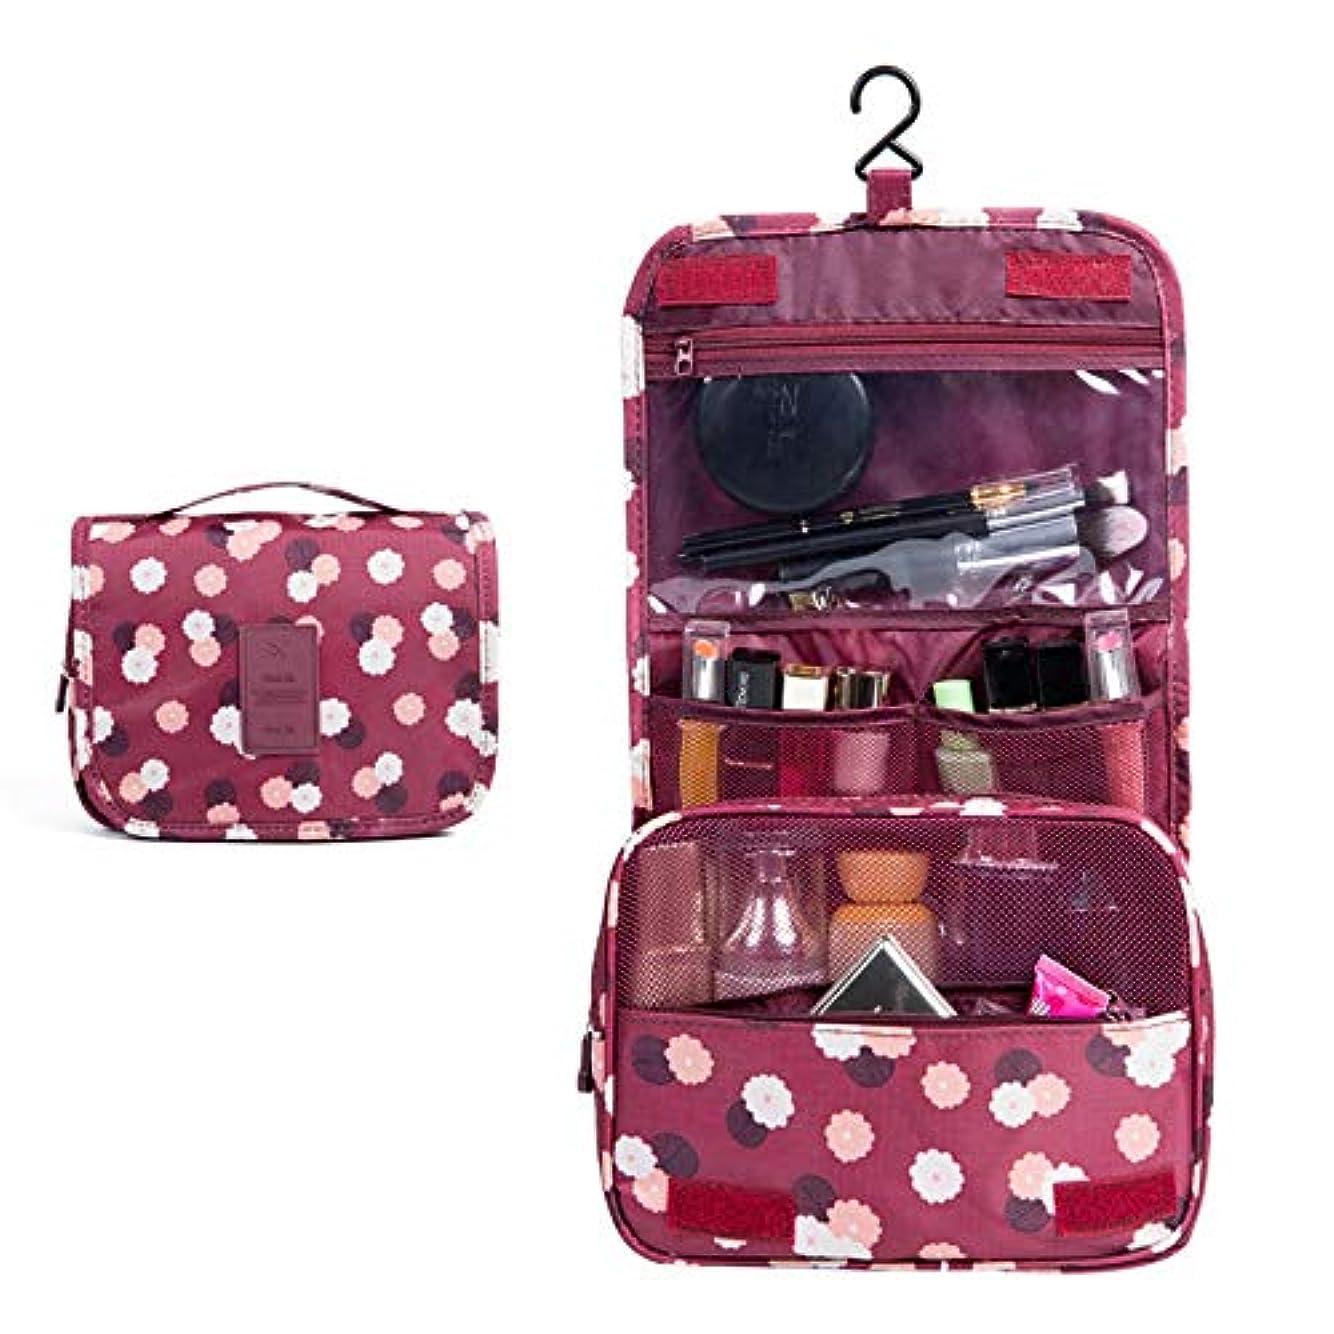 友だち攻撃的隣接化粧オーガナイザーバッグ ポータブル旅行折りたたみフックオーガナイザーバッグトイレタリーバッグを作る化粧品バッグブルーフラワー 化粧品ケース (色 : 赤)